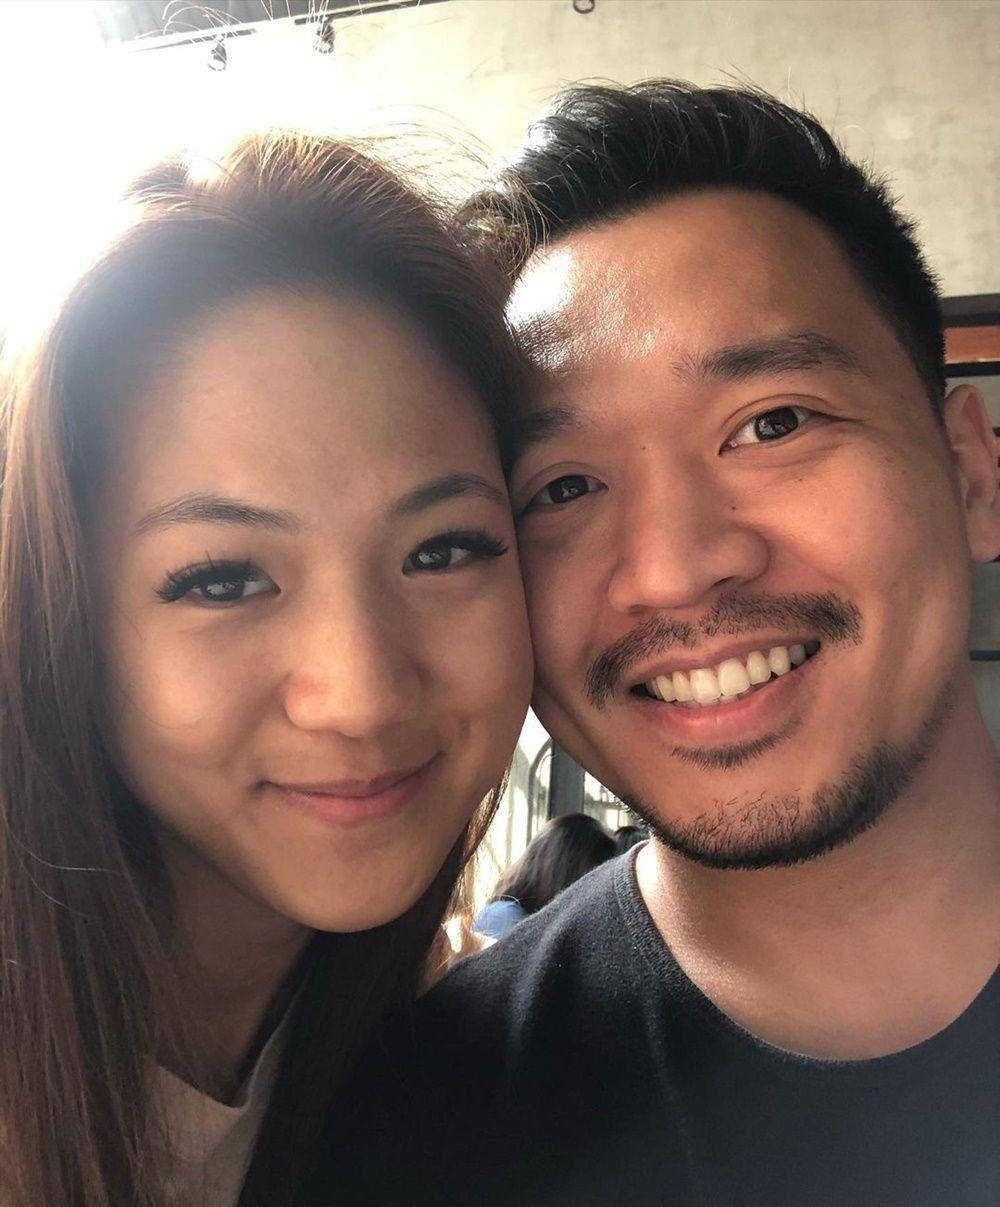 Go Public! 9 Potret Mesra Michael Yukinobu & Kekasih yang Lagi Disorot